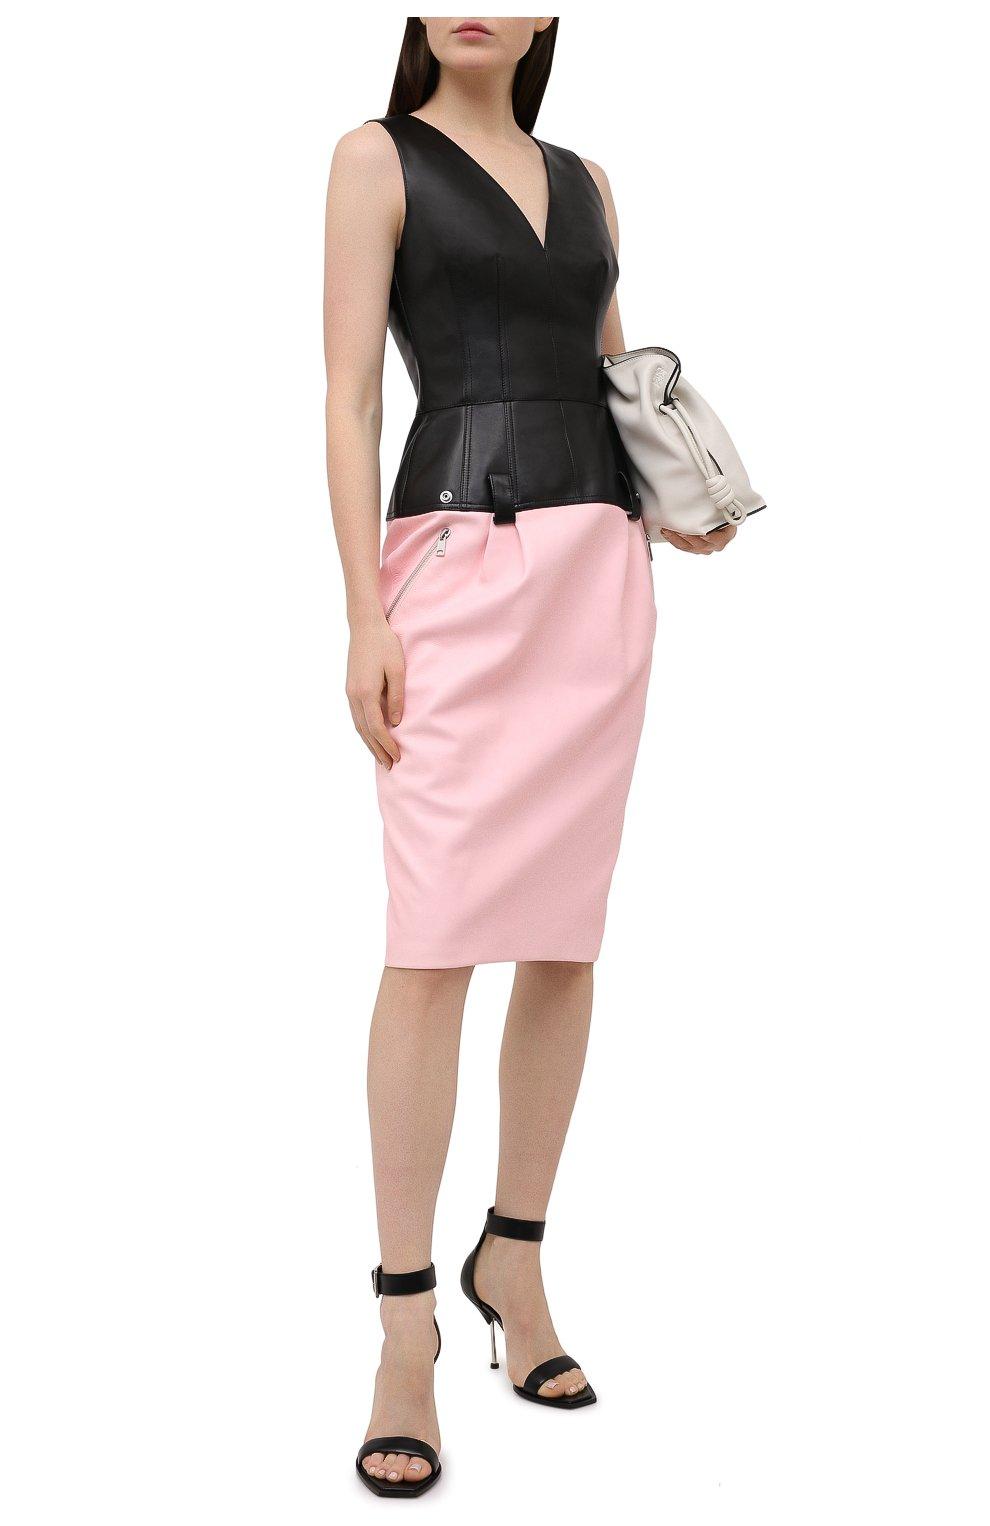 Женские кожаные босоножки ALEXANDER MCQUEEN черного цвета, арт. 651712/WHWQ1 | Фото 2 (Каблук высота: Высокий; Материал внутренний: Натуральная кожа; Каблук тип: Шпилька; Подошва: Плоская)